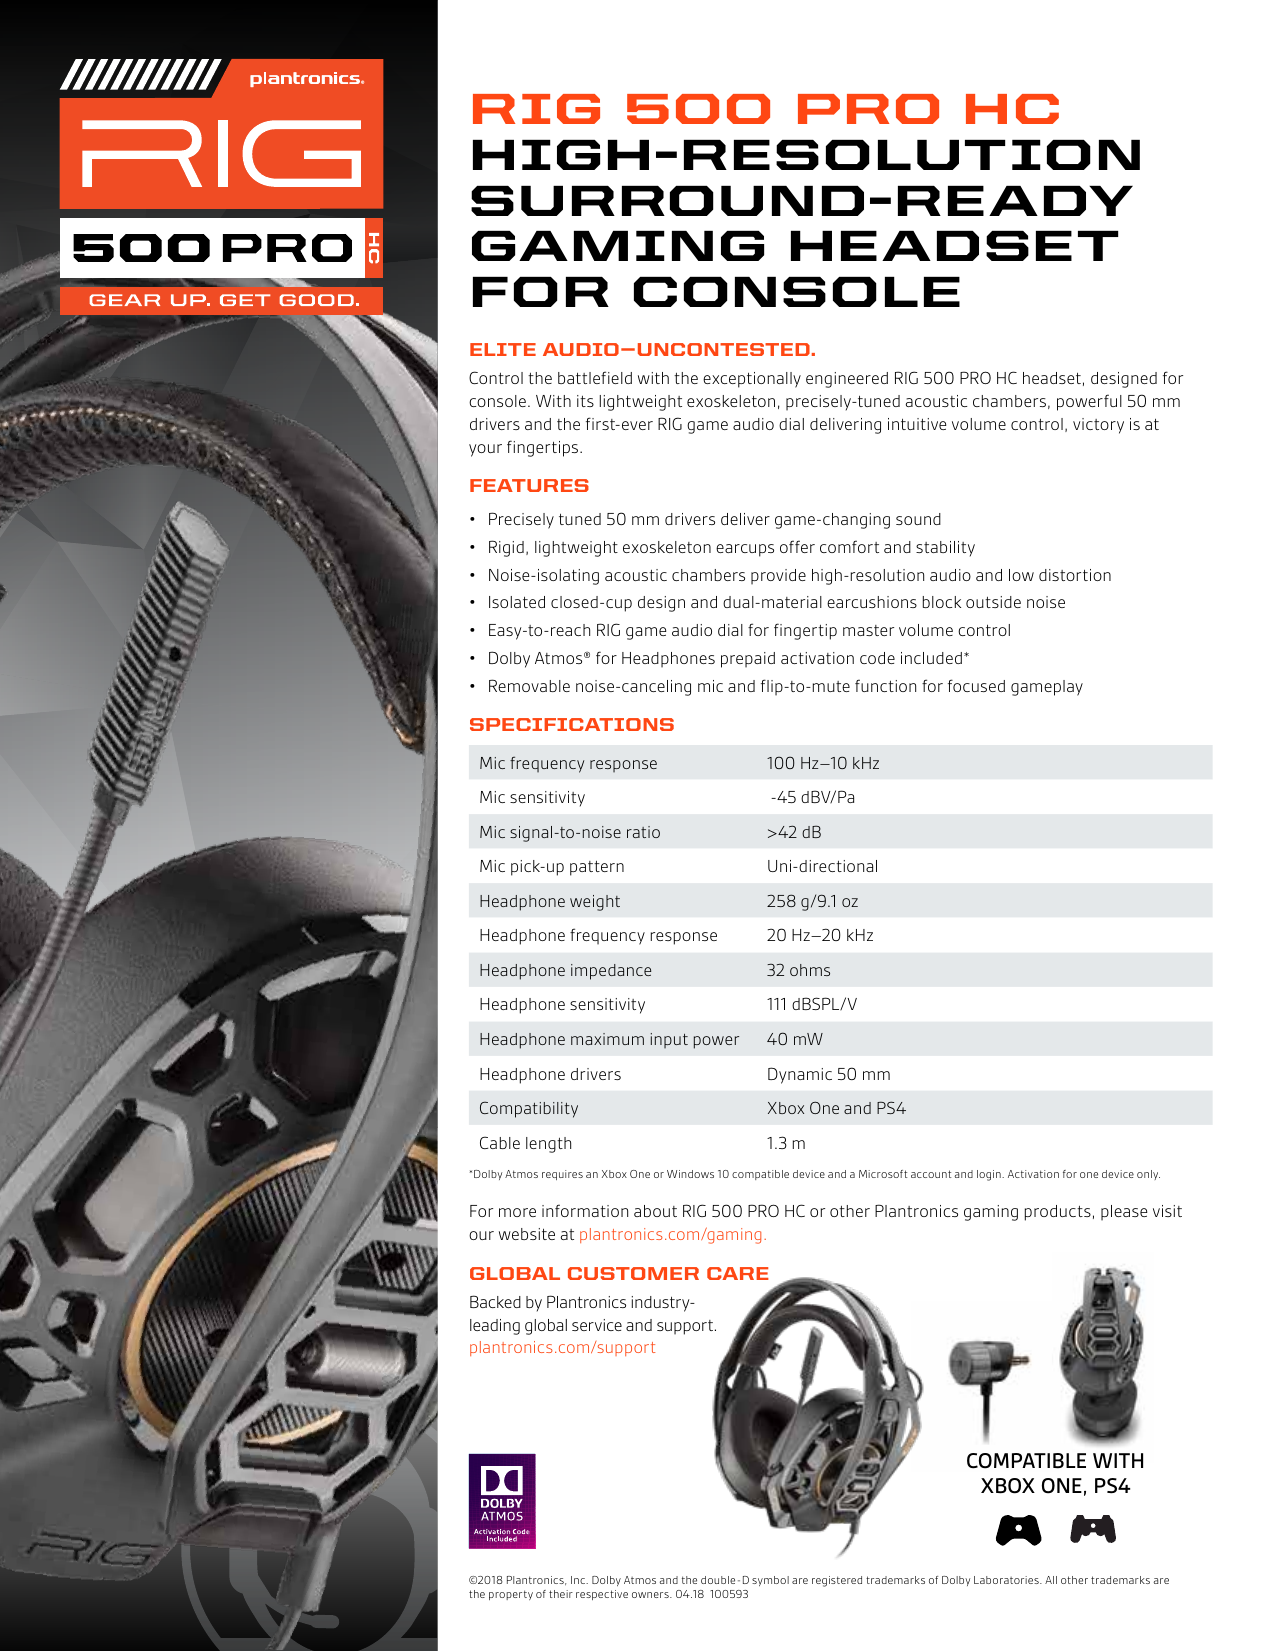 Rig 500 Pro Xbox One Set Up